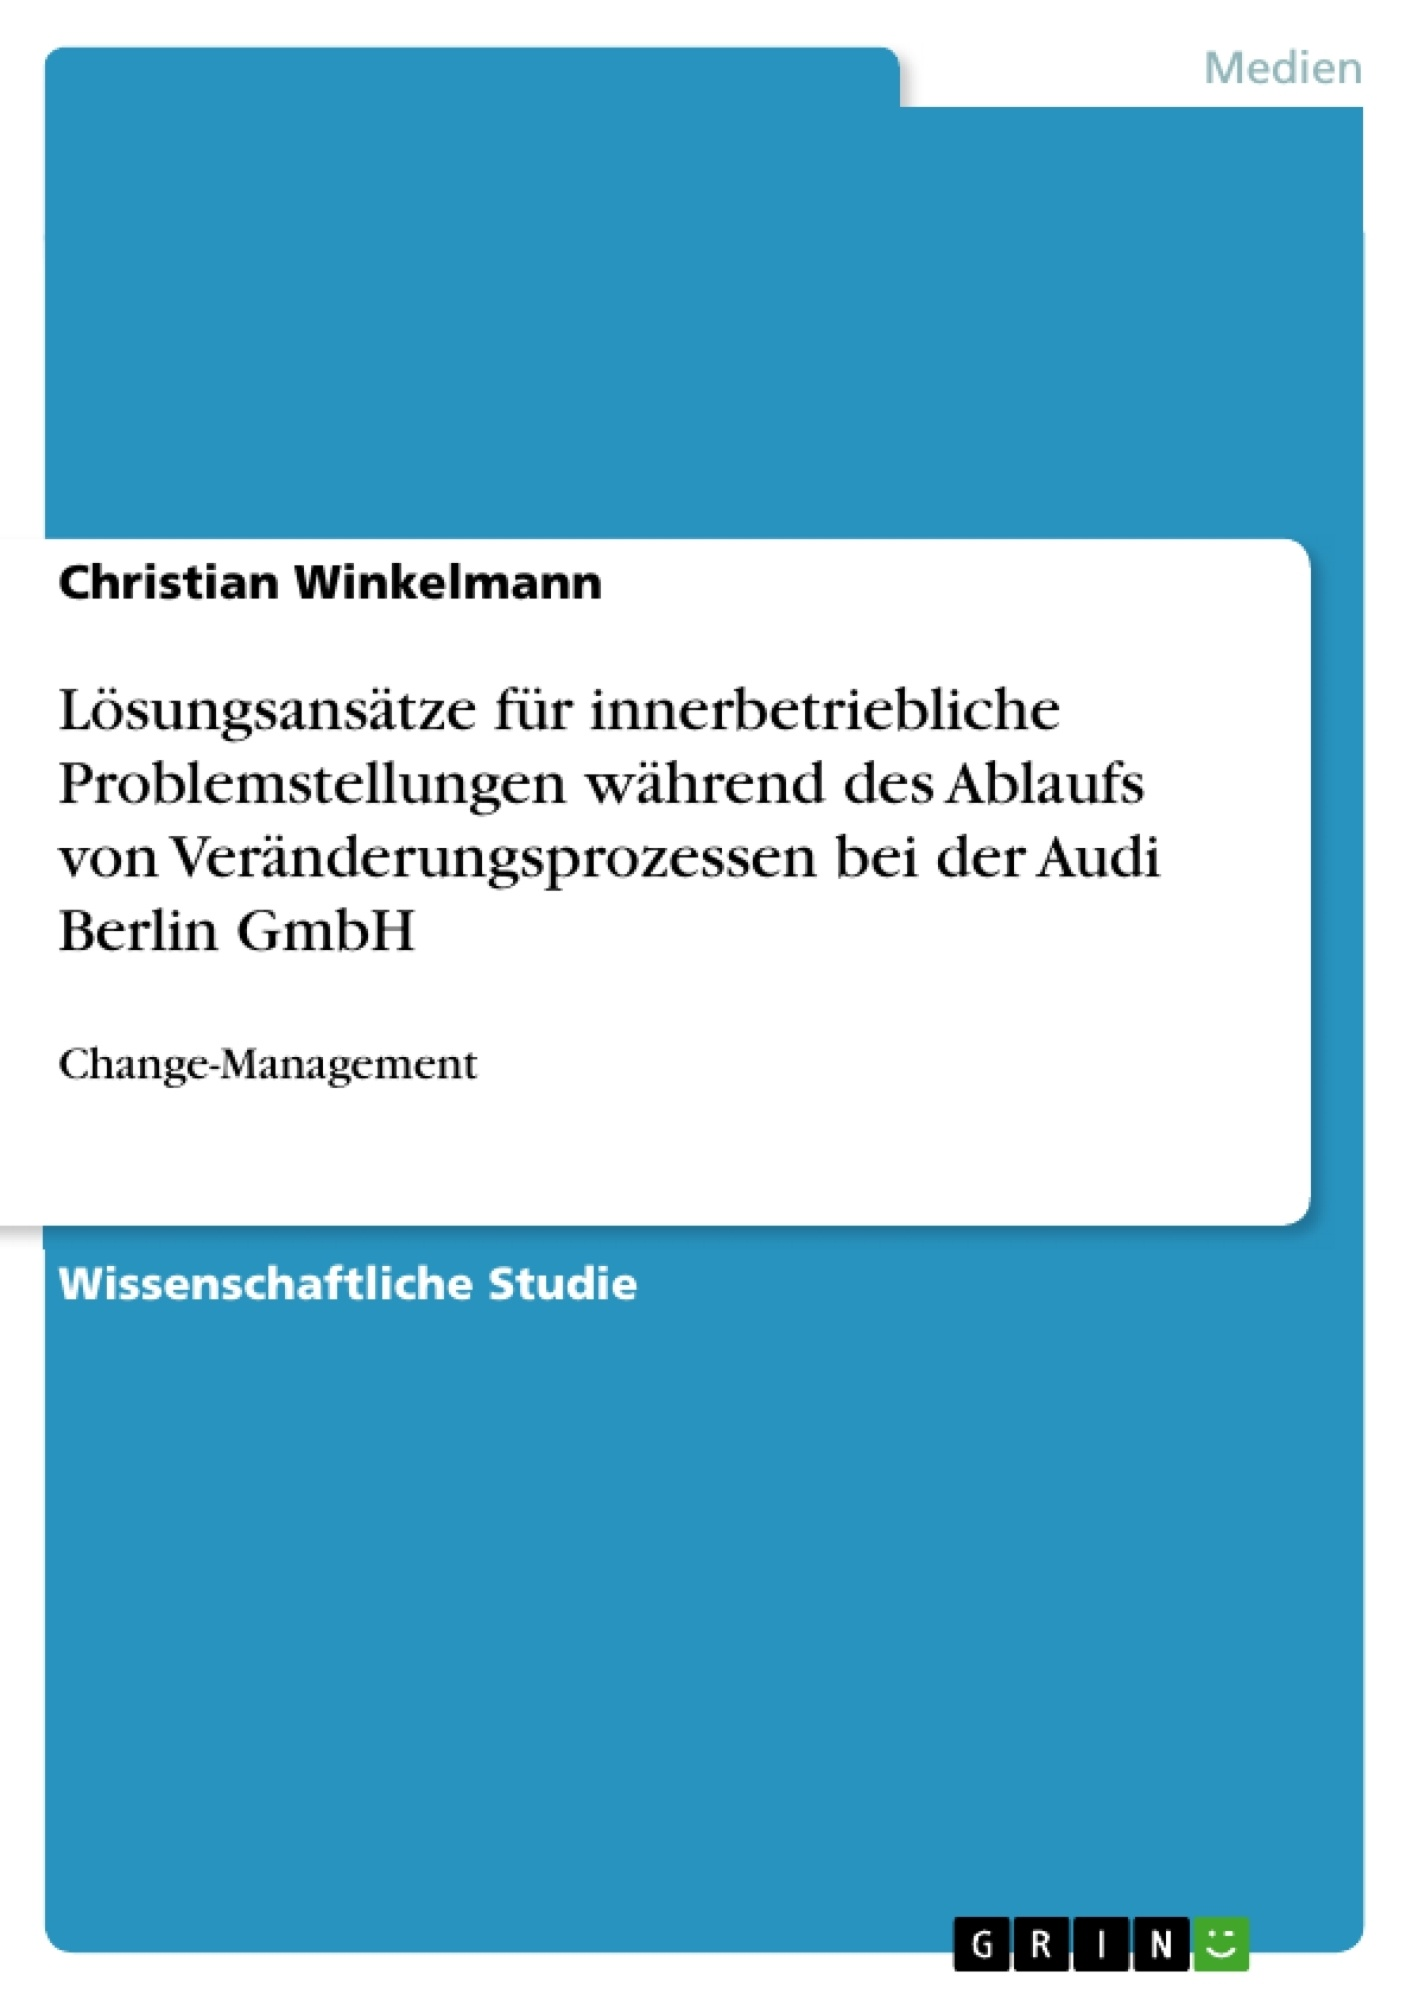 Titel: Lösungsansätze für innerbetriebliche Problemstellungen während des Ablaufs von Veränderungsprozessen bei der Audi Berlin GmbH